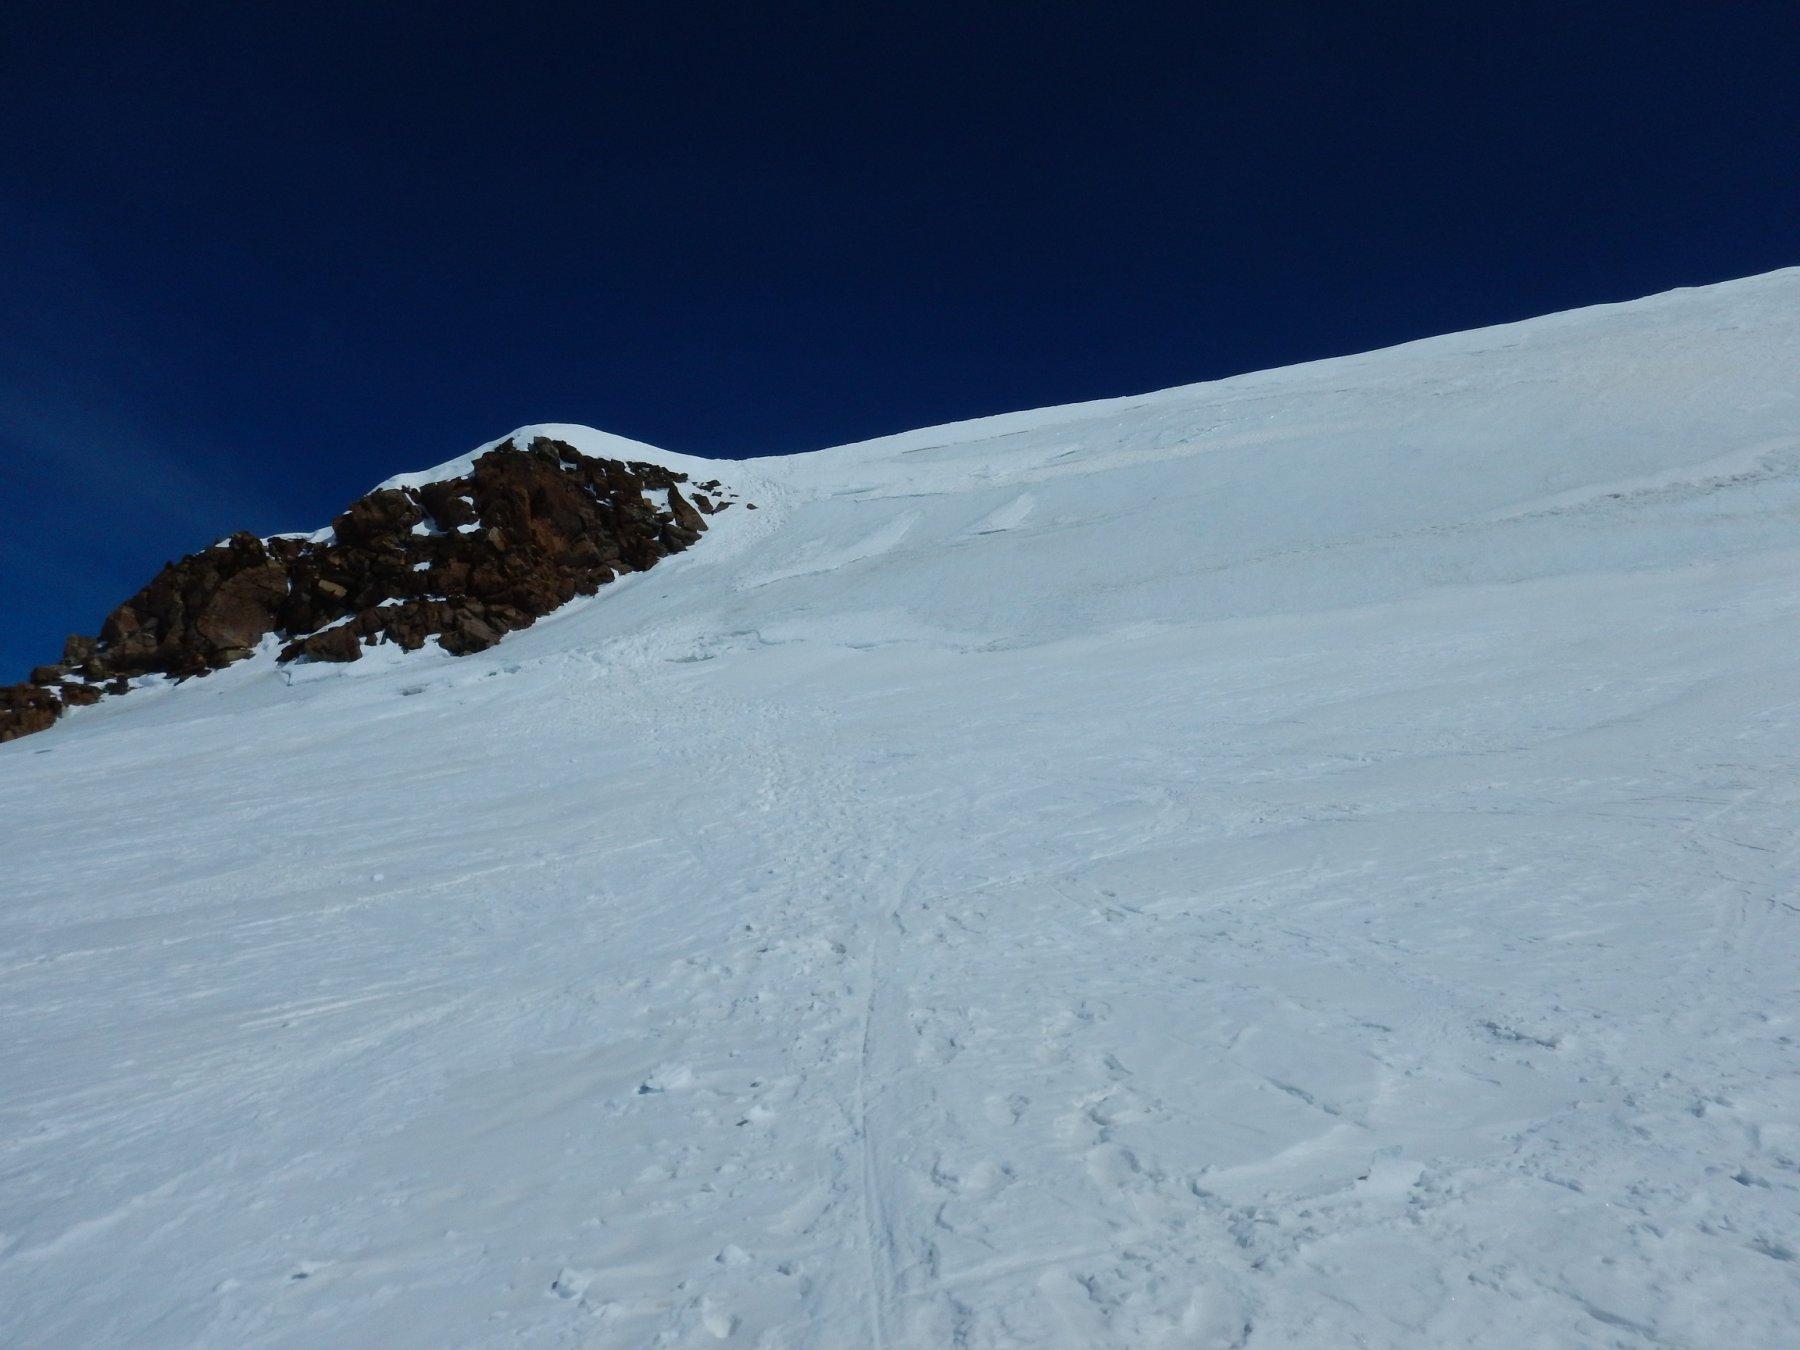 deposito sci e paretina ghiacciata